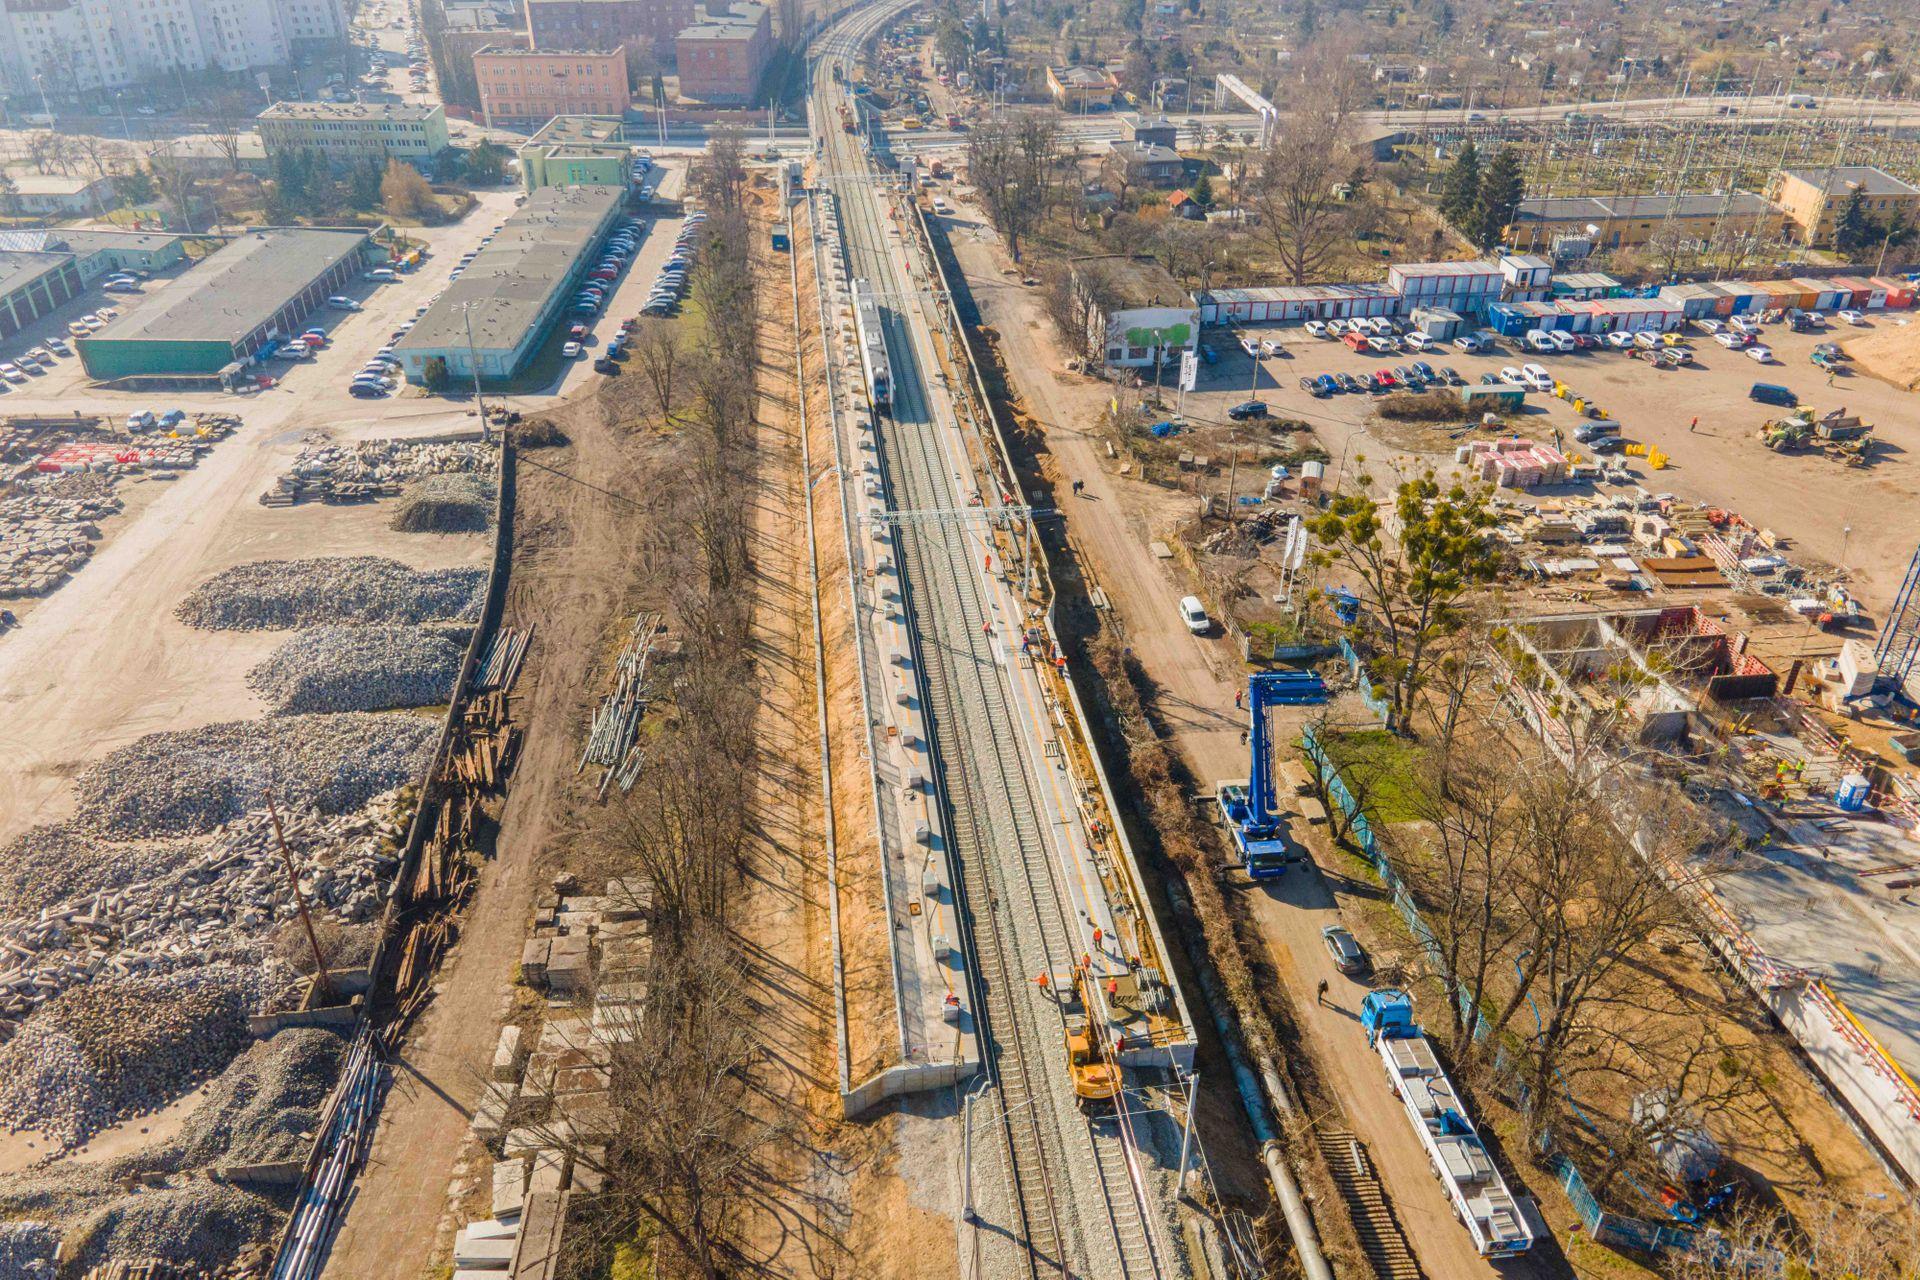 Rządowy program modernizacji i budowy nowych przystanków kolejowych. 15 lokalizacji na Dolnym Śląsku [LISTA]